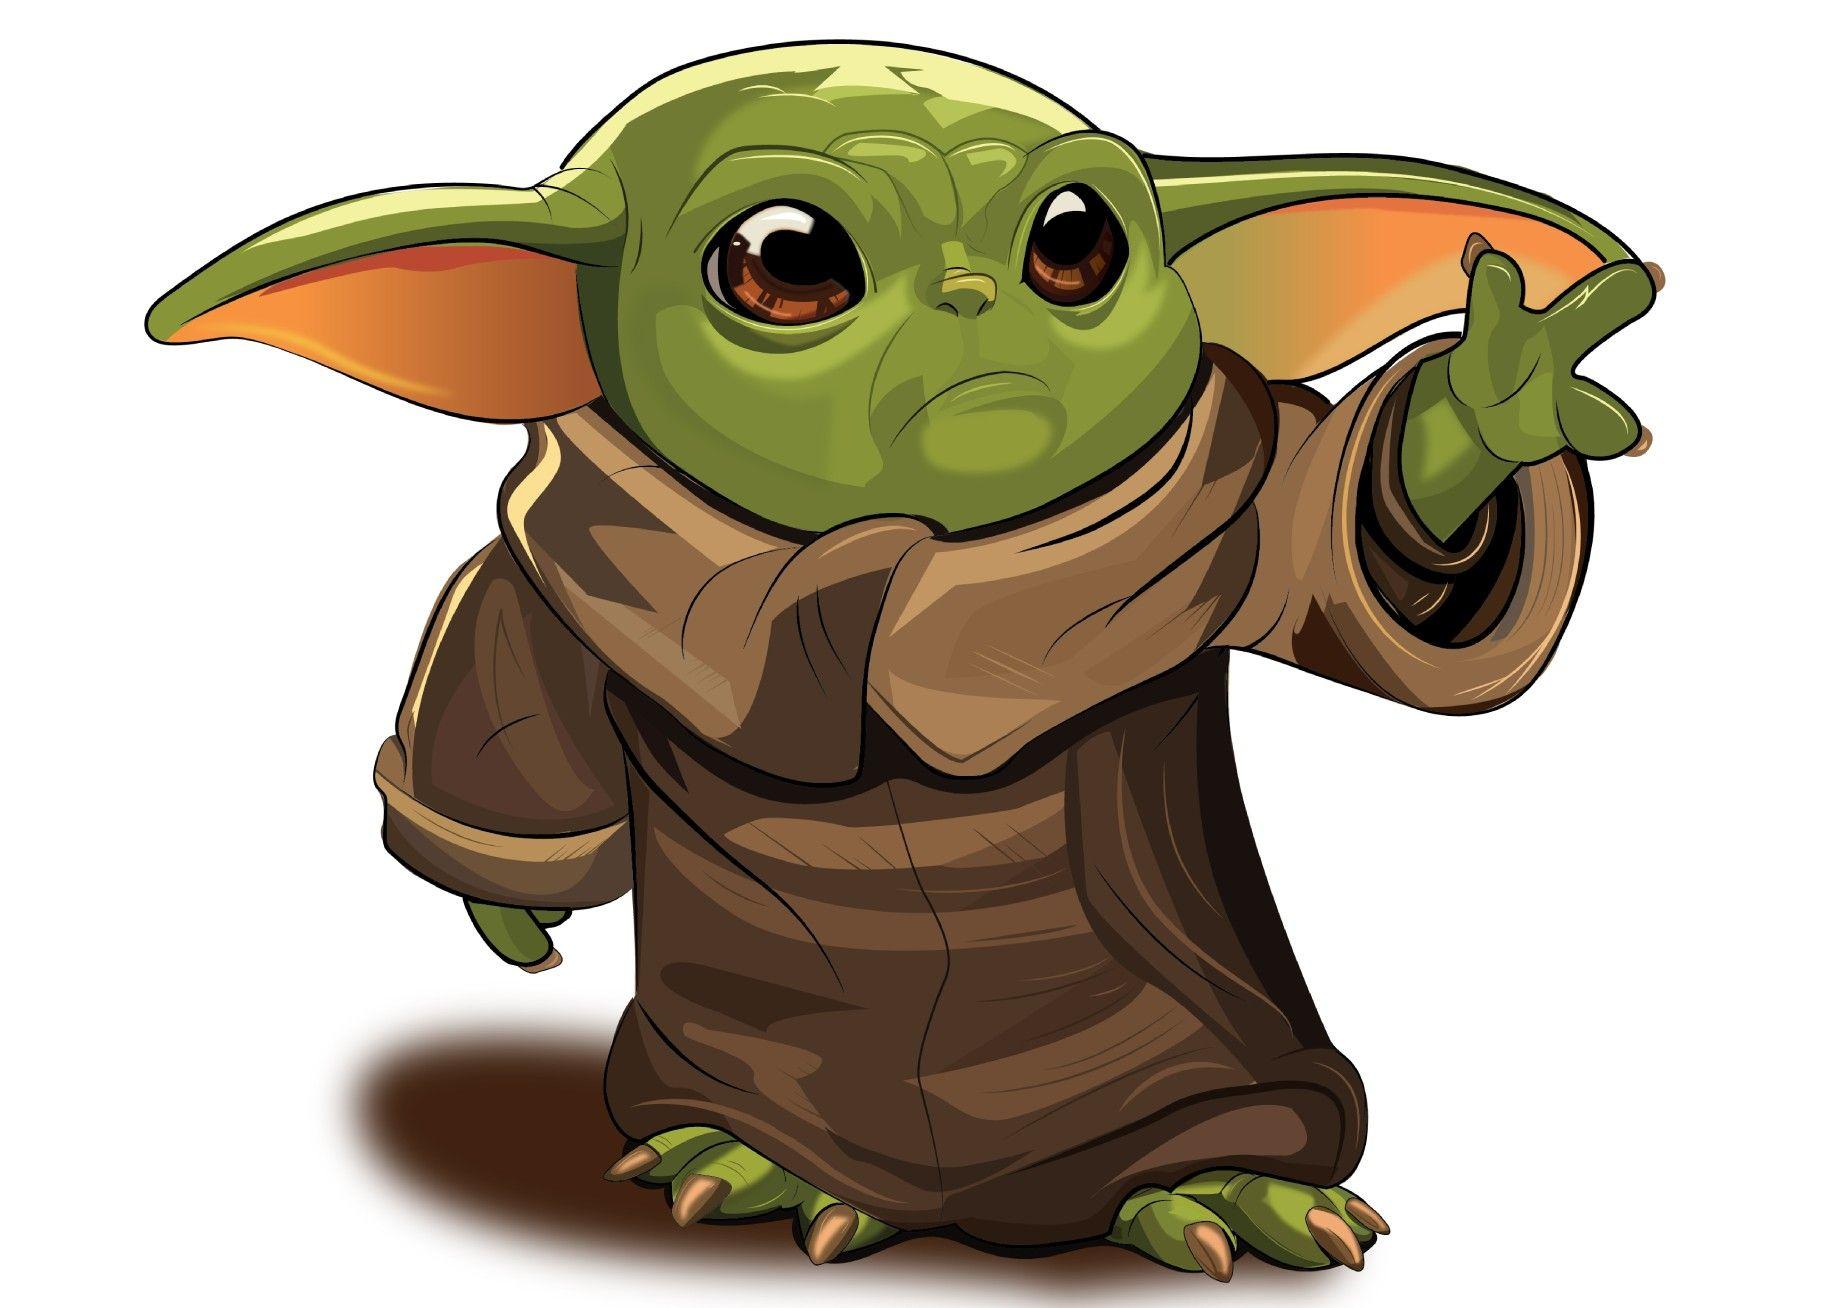 Baby Yoda Mandalorian Baby Png Star Wars Png Tshirt Yoda Etsy Yoda Images Yoda Png Yoda